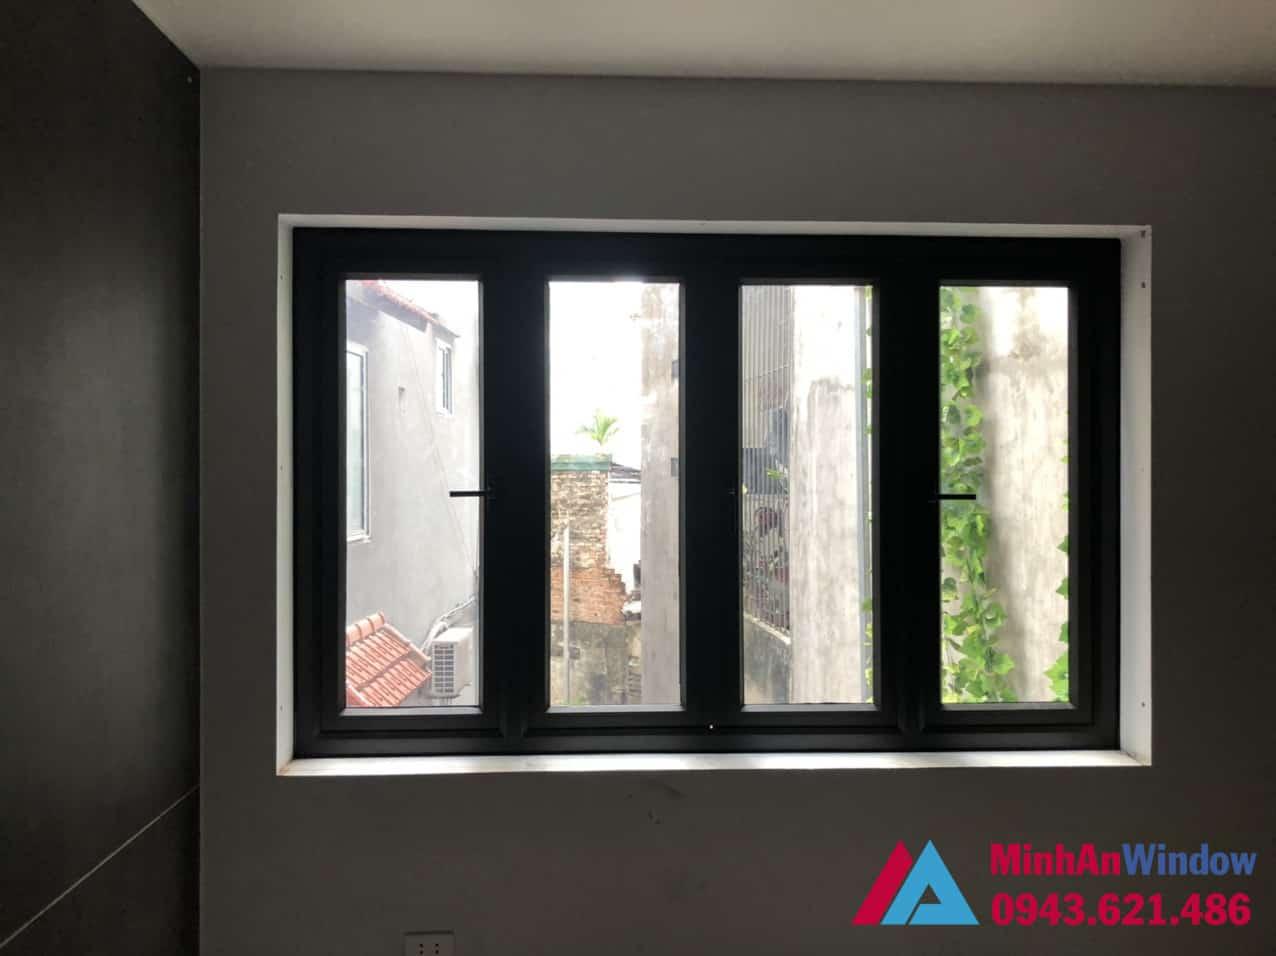 Mẫu cửa sổ nhôm kính 4 cánh Minh An Window lắp đặt cho nhà ở tại quận Nam Từ Liêm - Hà Nội